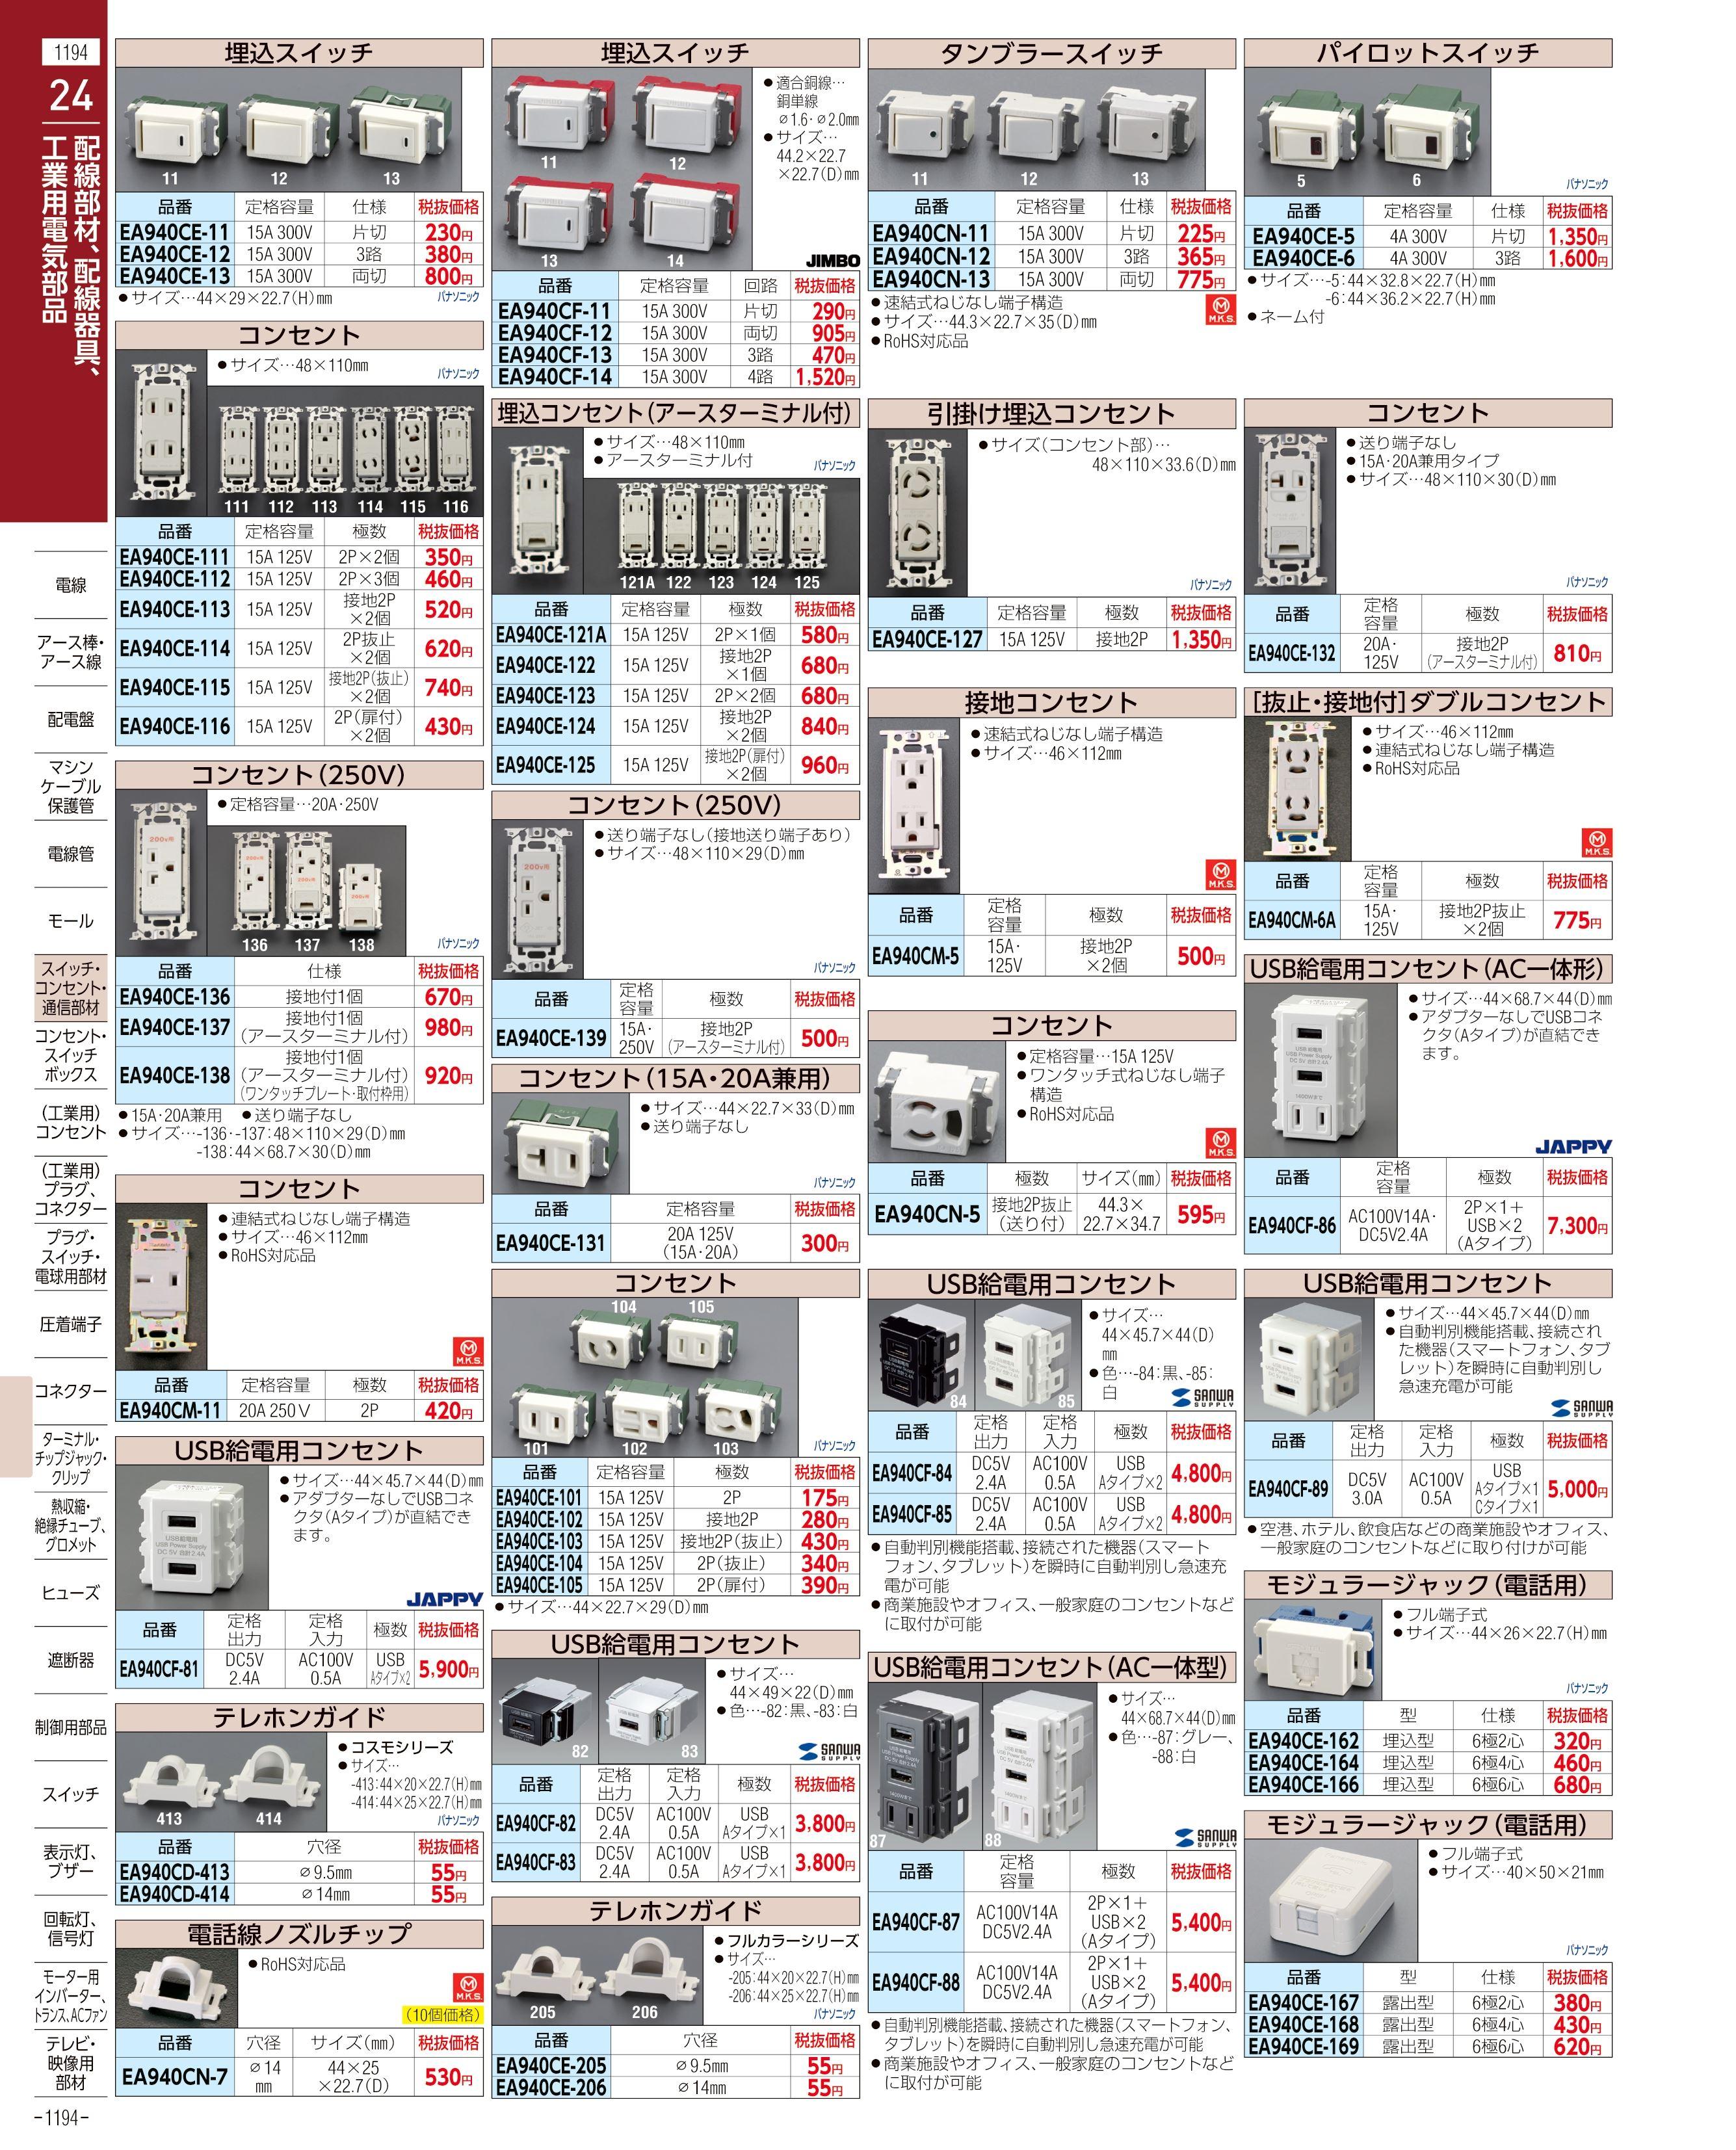 エスコ便利カタログ1194ページ